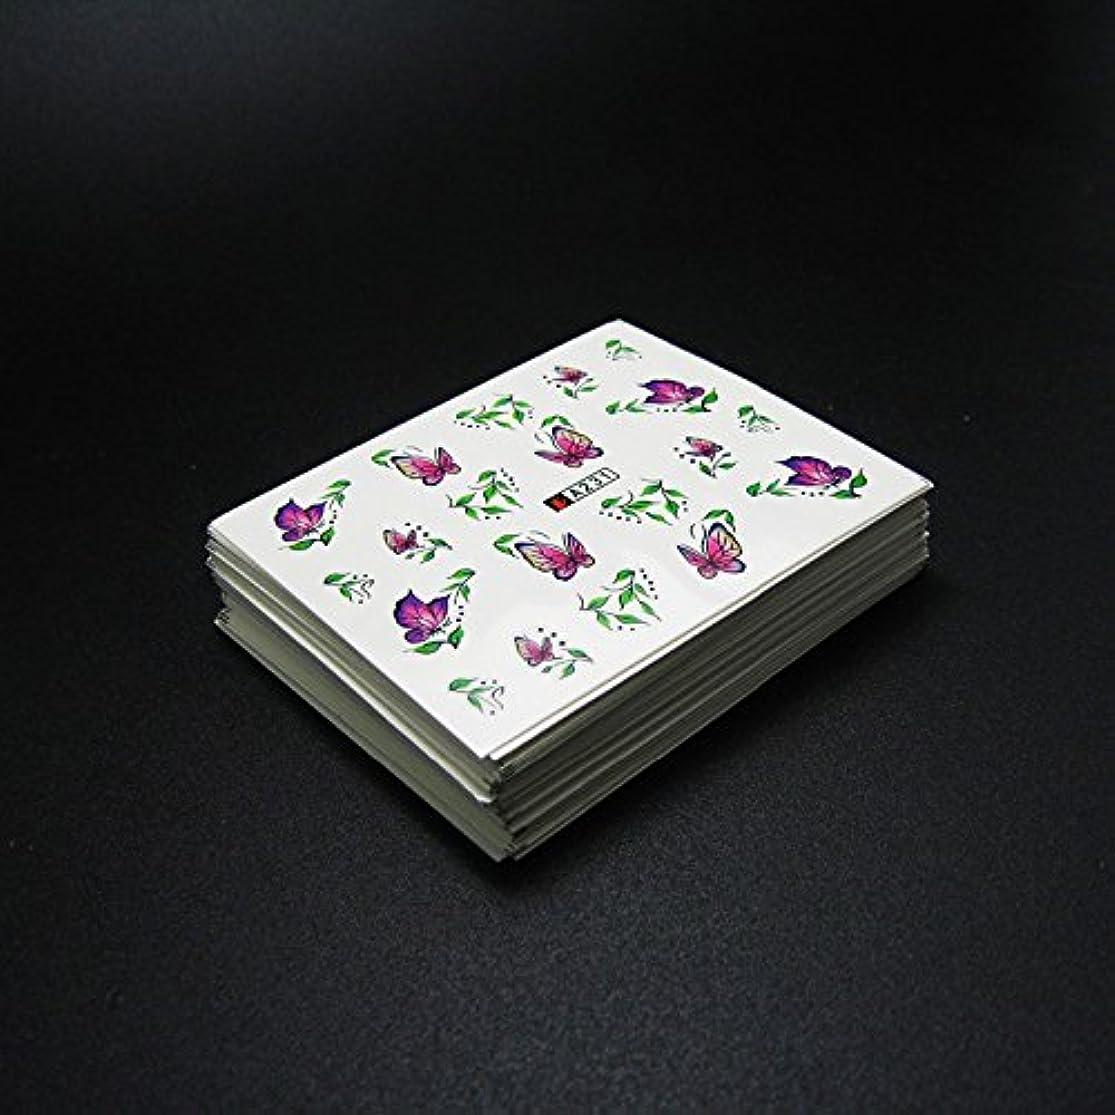 白鳥風刺部族50枚ネイルシールの花混在デザイン水転送ネイルアートステッカーウォーターマークデカールDIYデコレーション美容爪用ツール